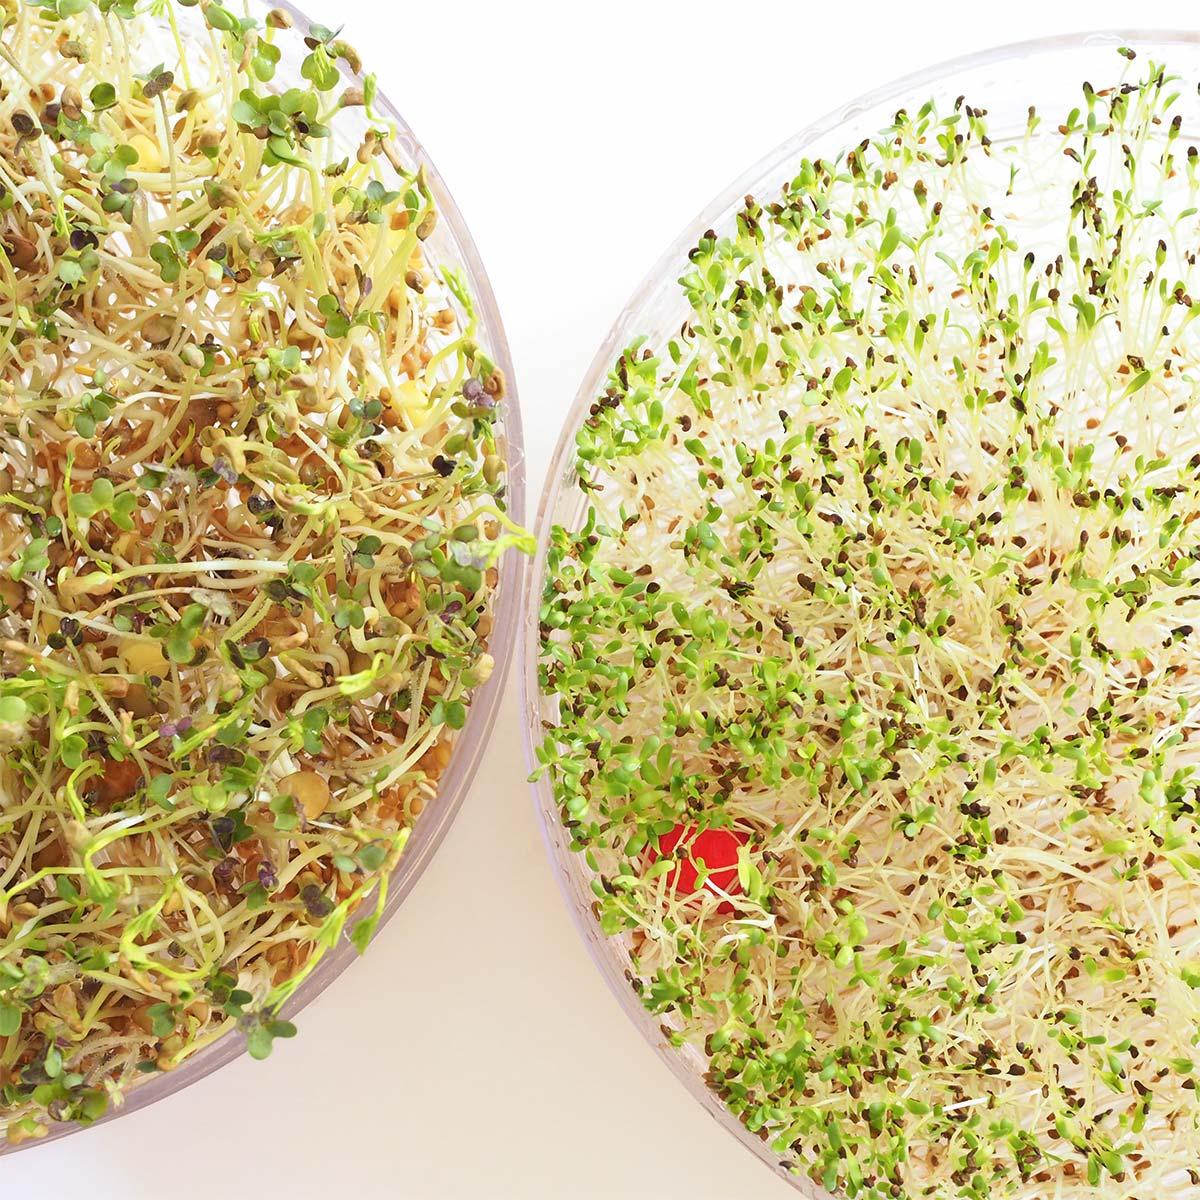 comparaison graines germées bio moutarde-lentilles-fenugrec / alfalfa jour 6